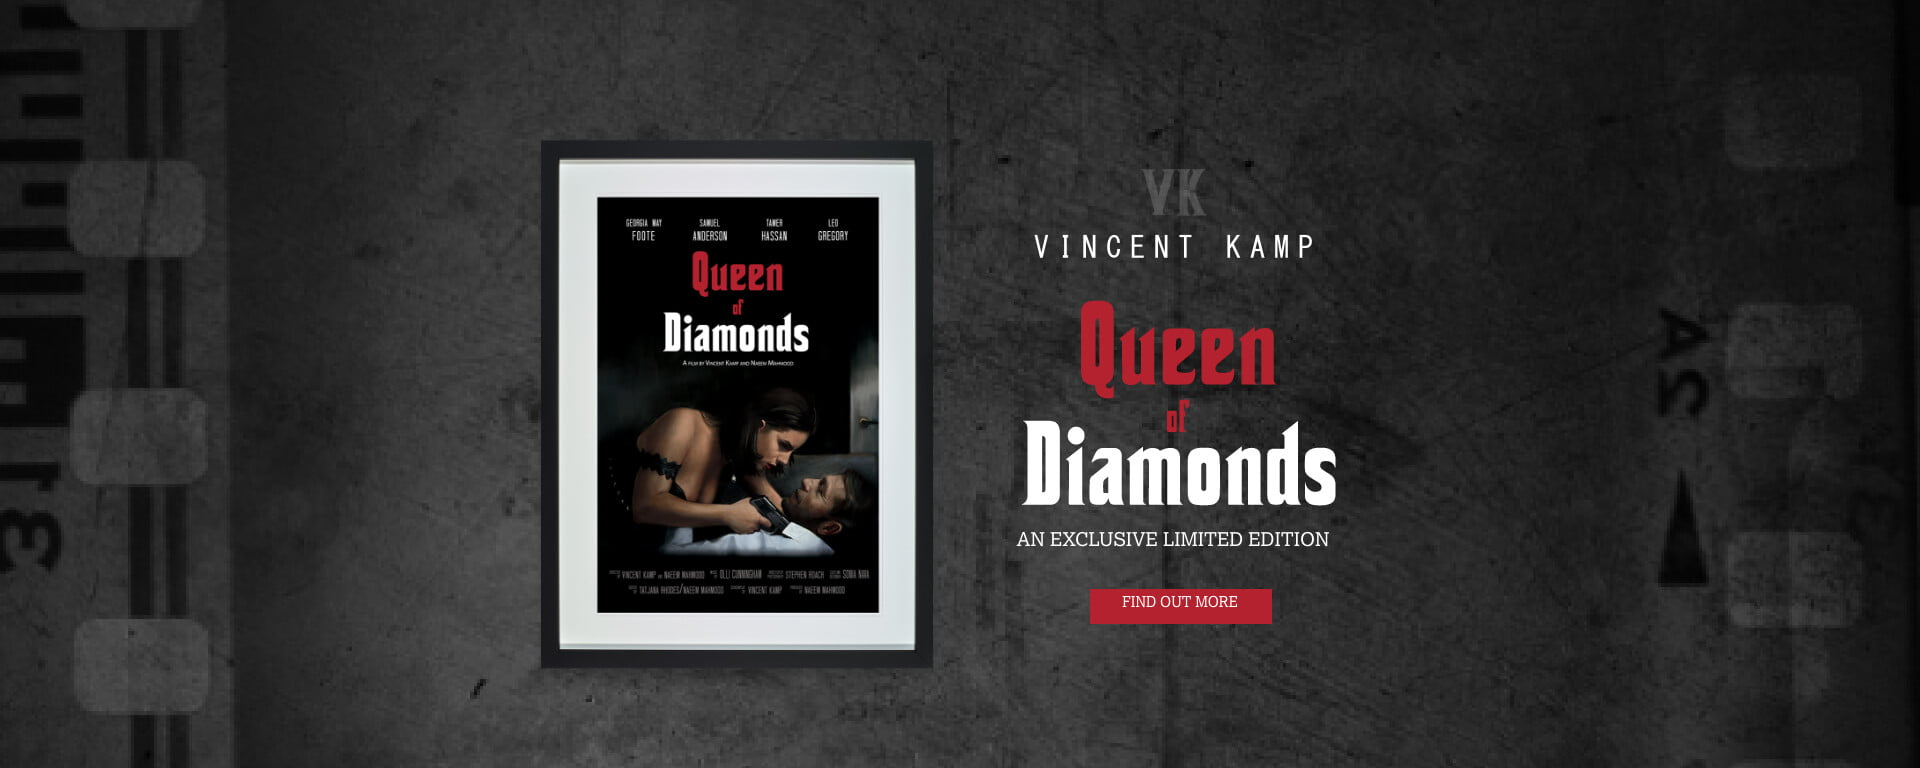 Vincent Kamp | Queen of Diamonds